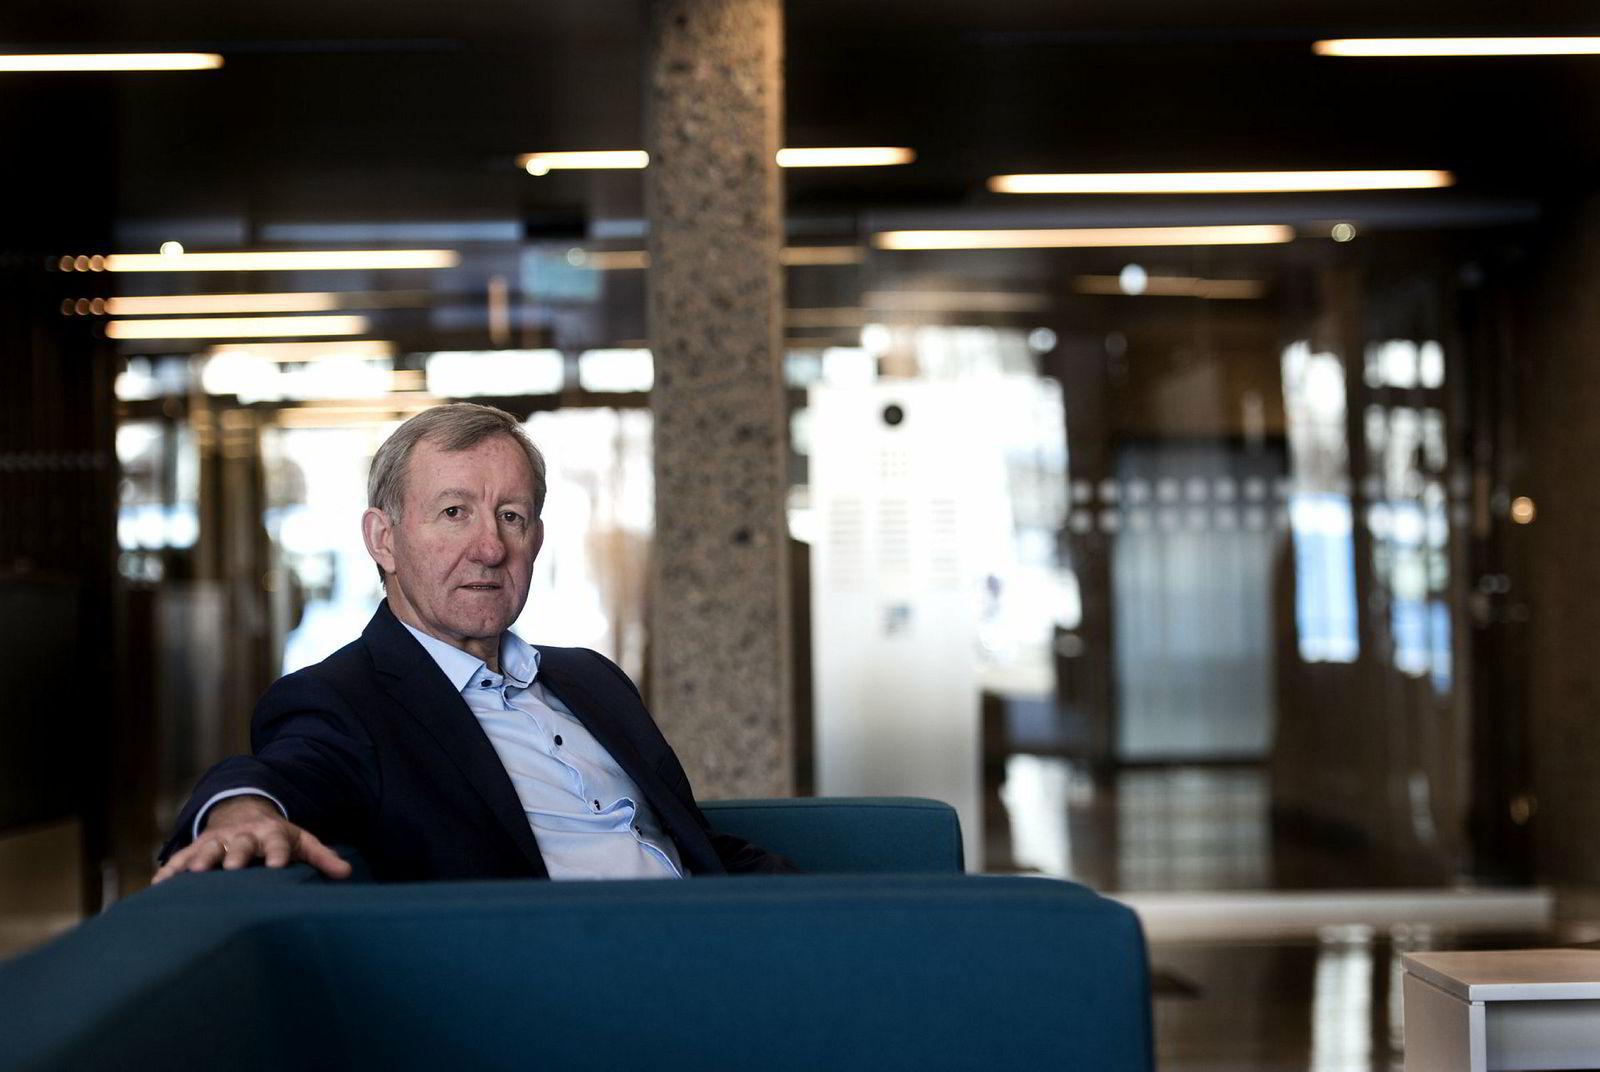 Administrerende direktør i Den norske Revisorforening, Per Hanstad, mener det store flertall av ledere i små og mellomstore bedrifter ikke opplever at byråkrati og offentlig rapportering er blitt enklere for dem.